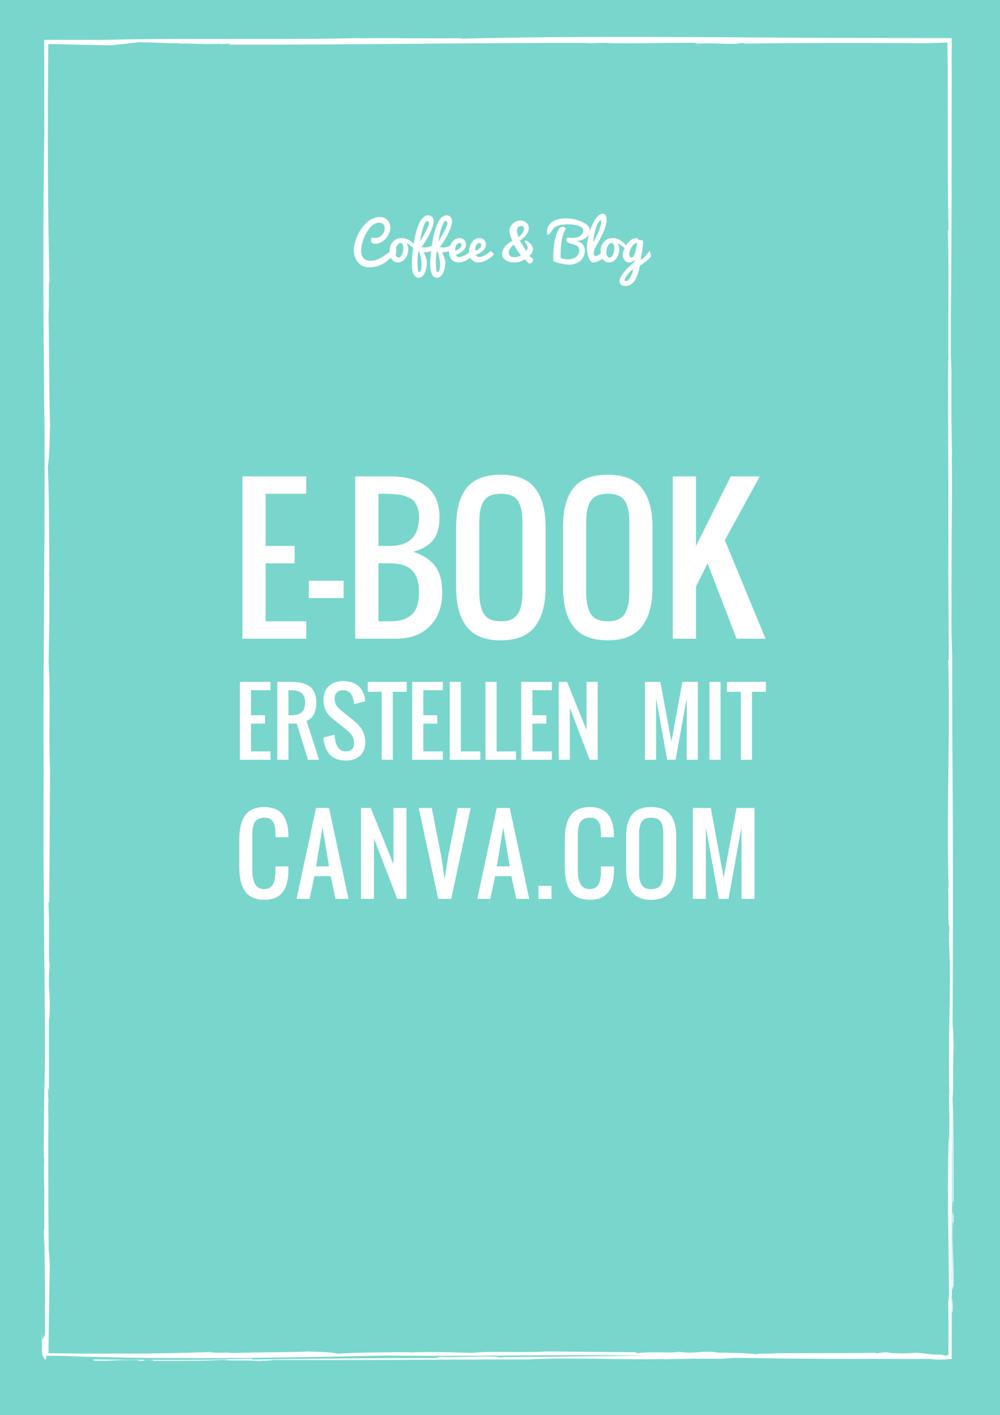 E-Book erstellen mit Canva.com | Vorlagen, Einfach und Schreiben